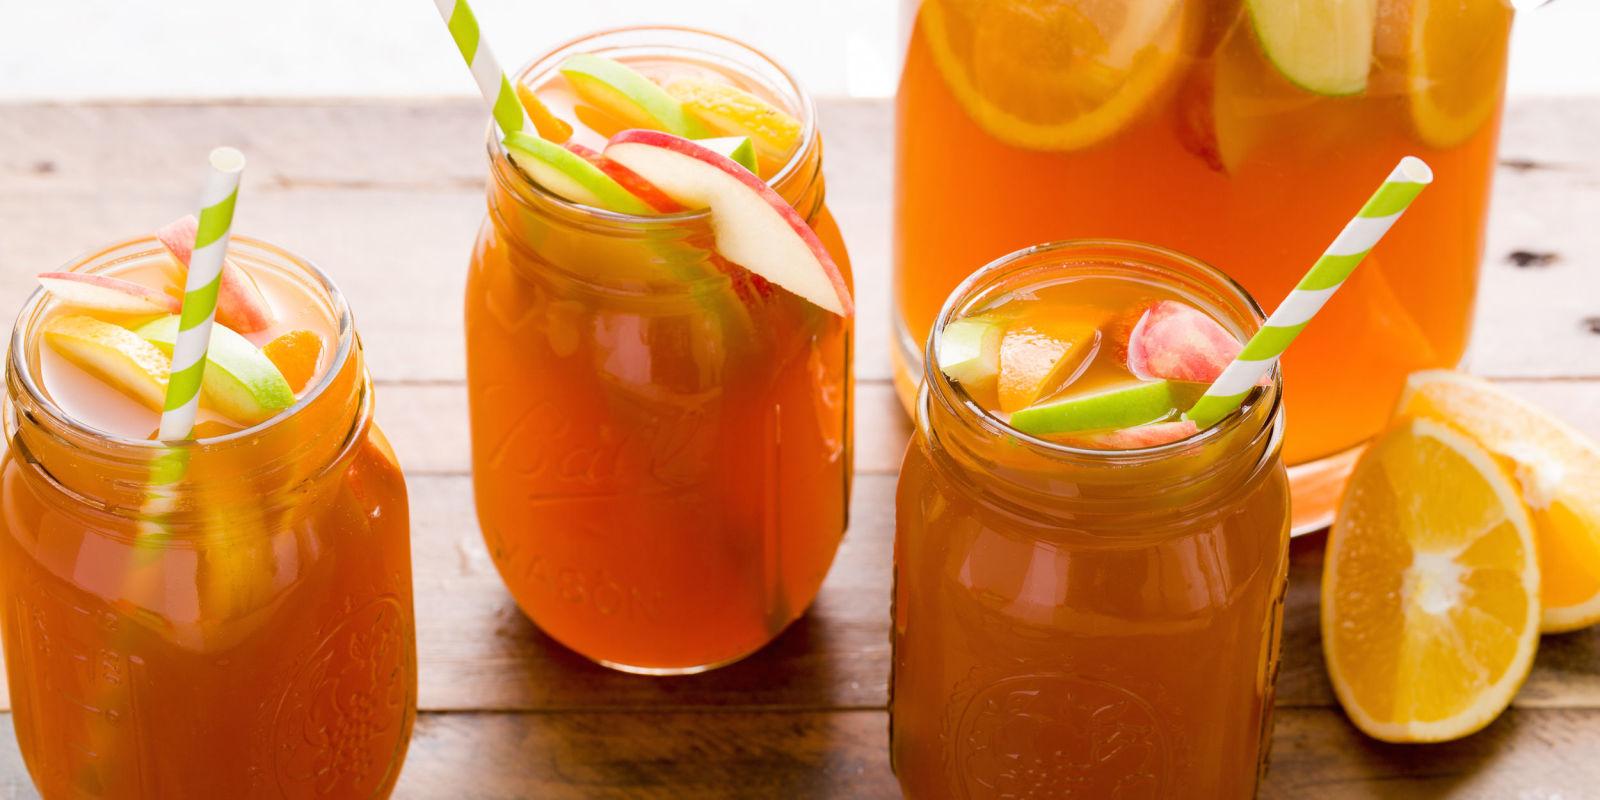 Best Apple Cider Sangria Recipe-How to Make Apple Cider Sangria-Delish ...